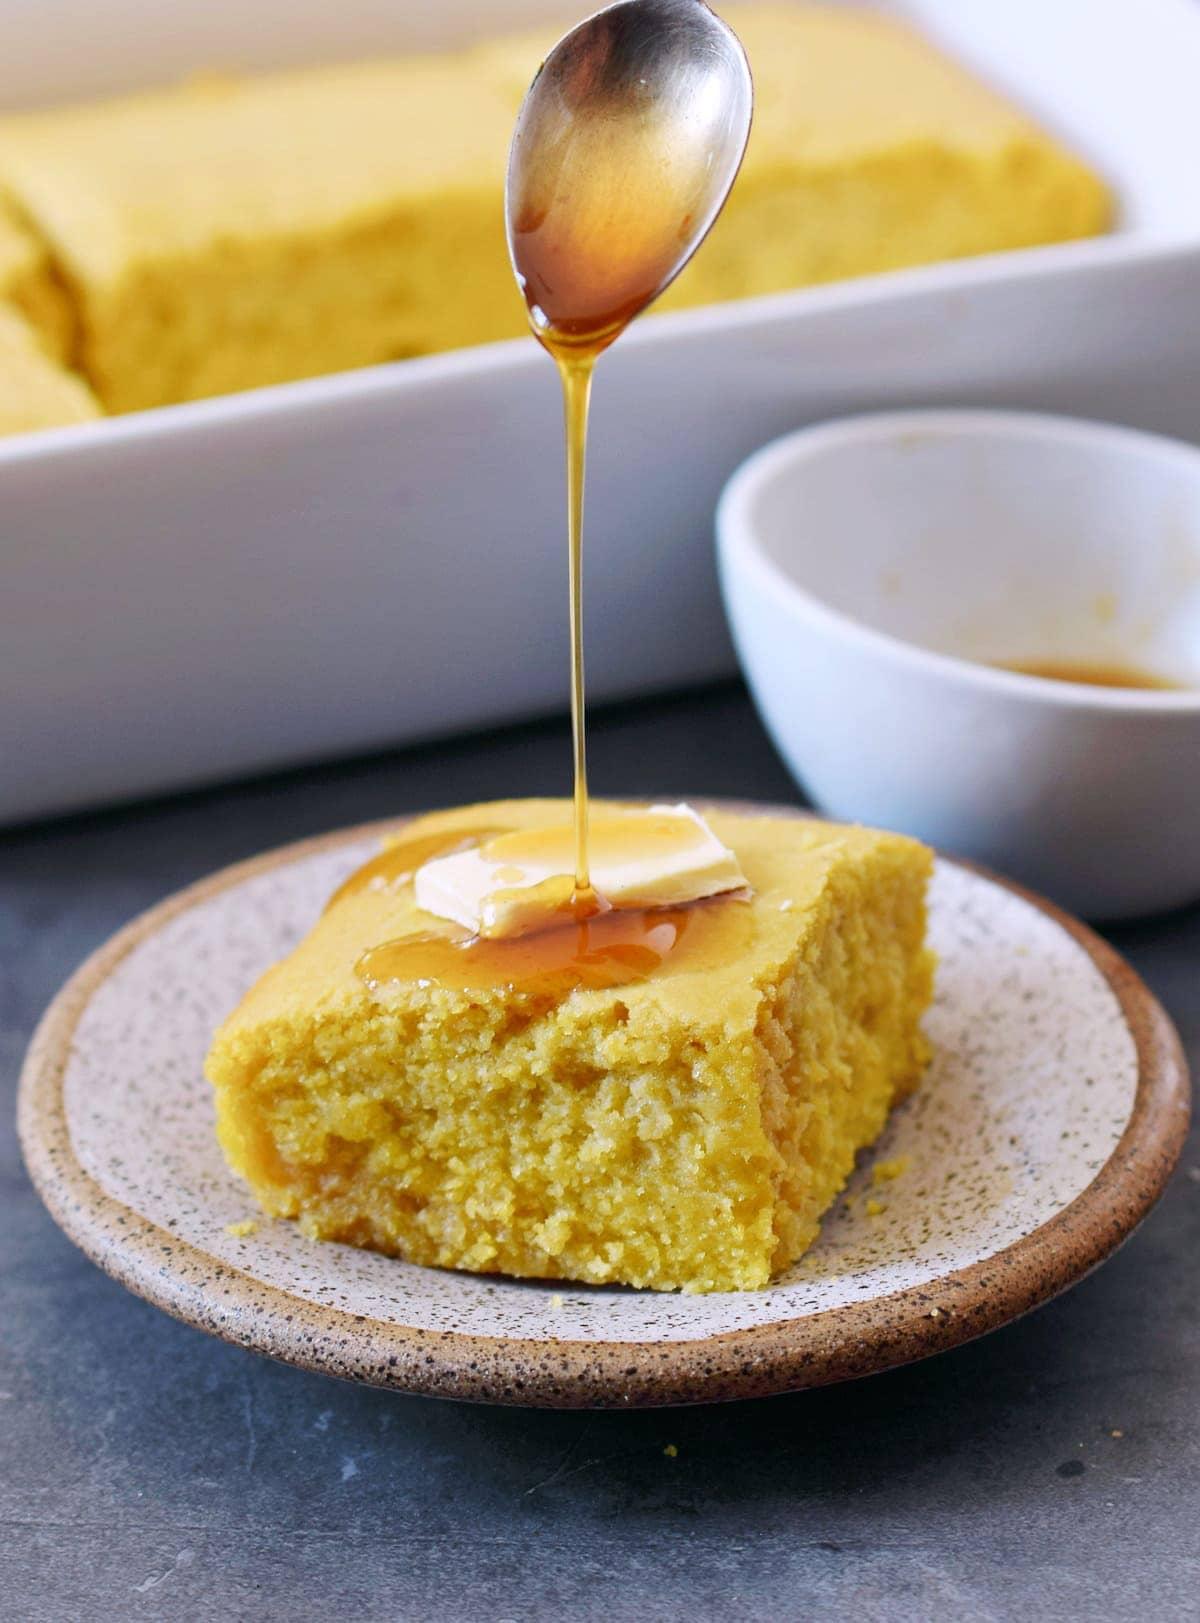 ein Stück Maisbrot mit veganer Butter und Ahornsirup auf Teller